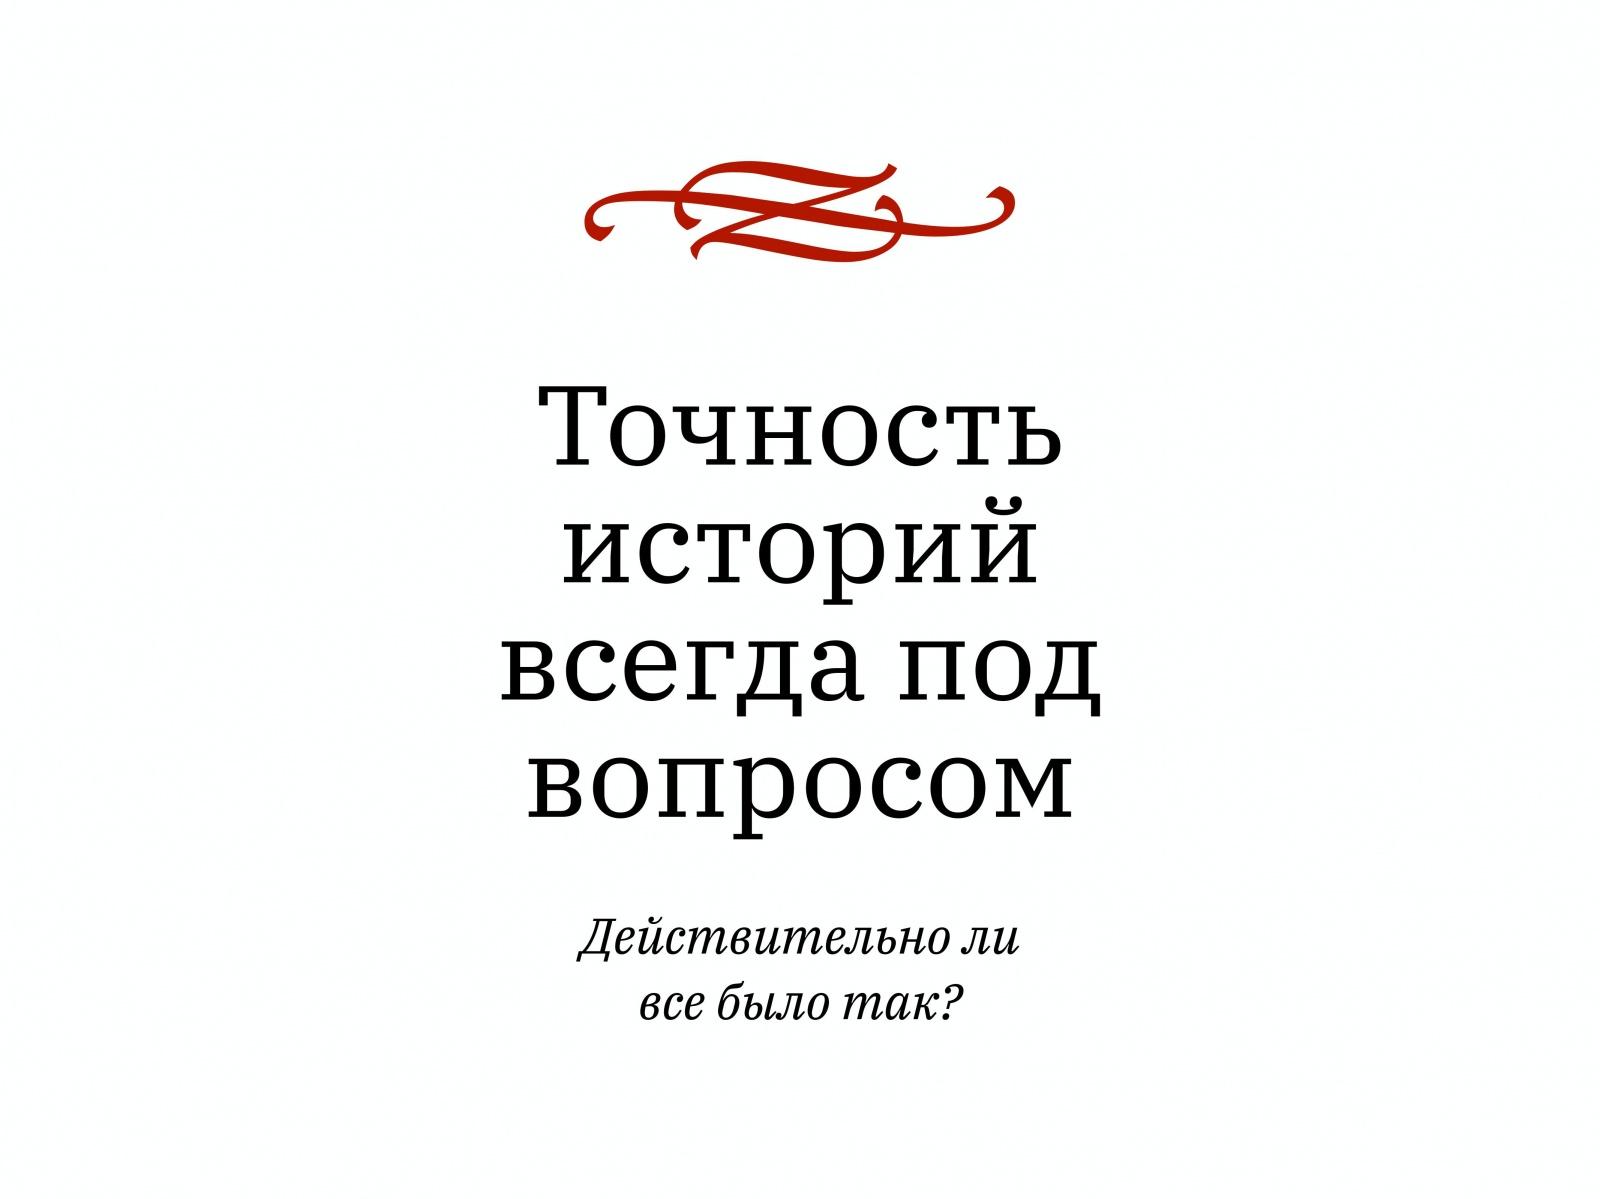 Алексей Каптерев: Критическое мышление 101 (часть 2) - 32